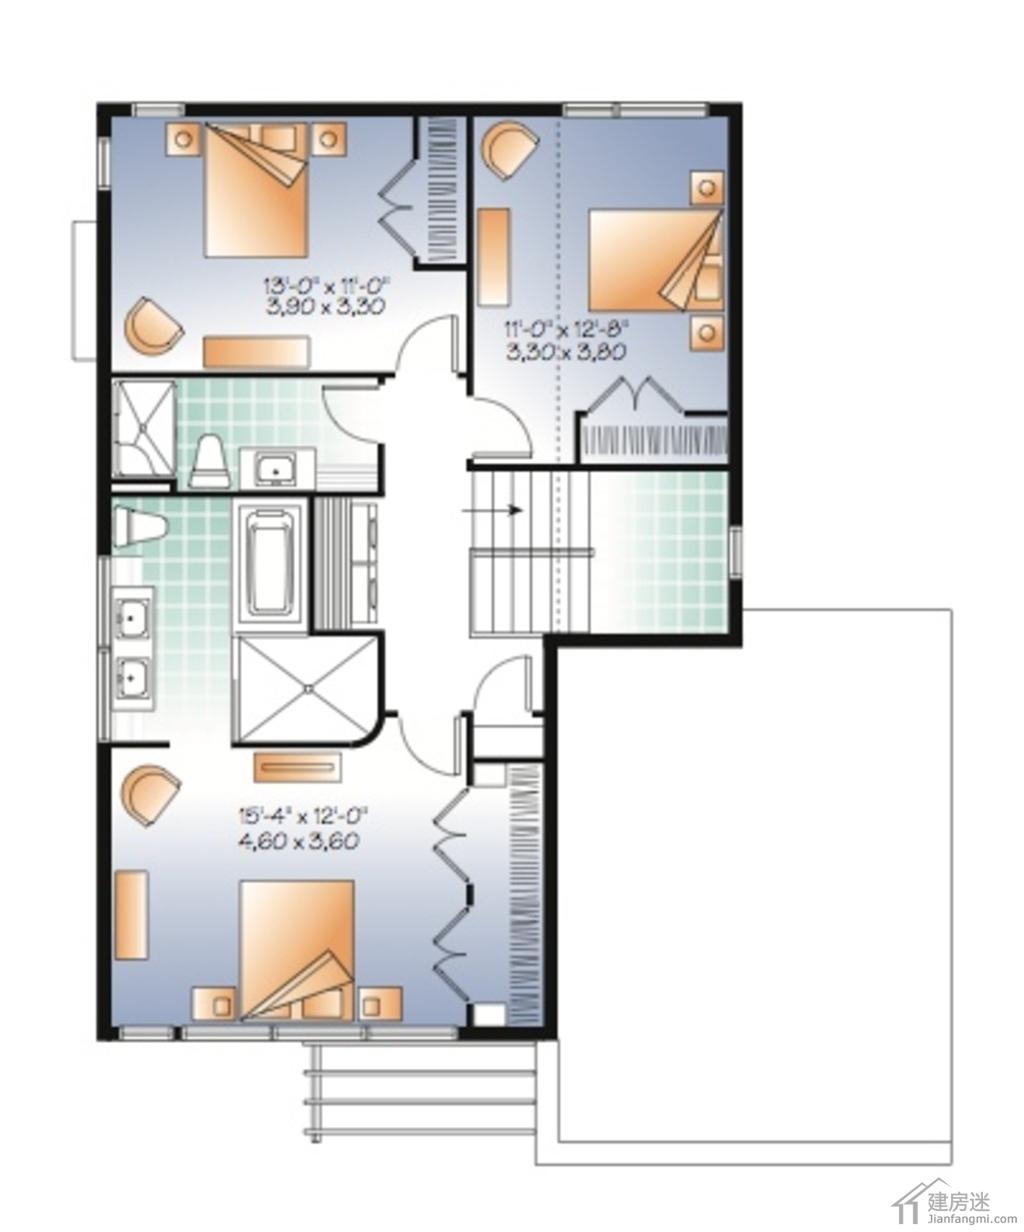 69 首页 69 房子设计图 69 自建房设计图 69 查看内容